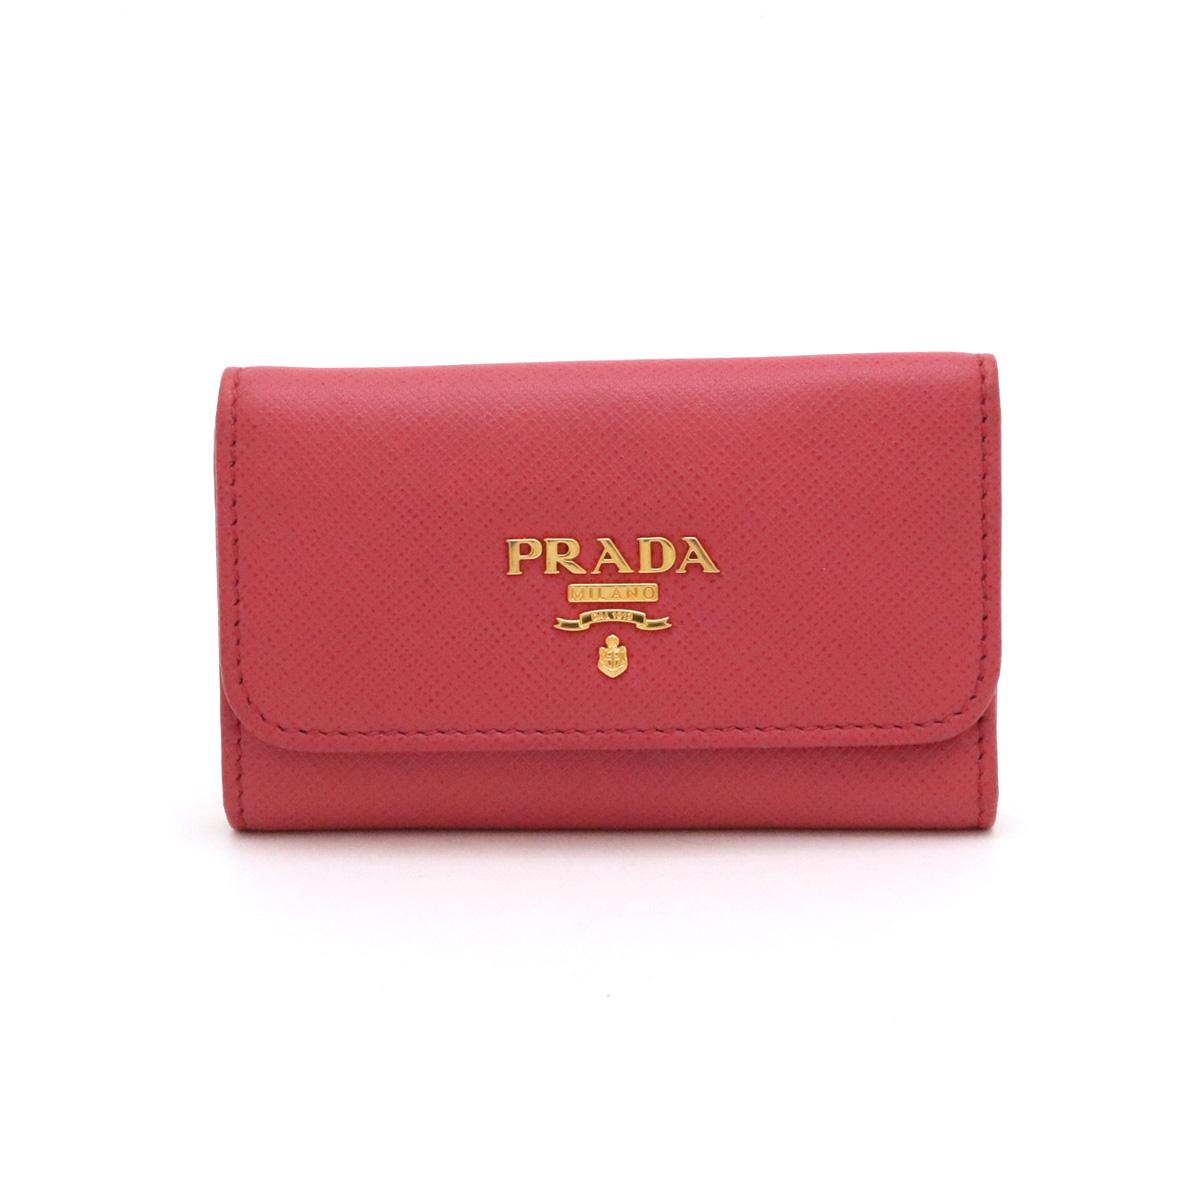 PRADA プラダ SAFFIANO METAL 6連キーケース キーケース レザー PEONIA ピンク ゴールド金具 1PG222 【中古】